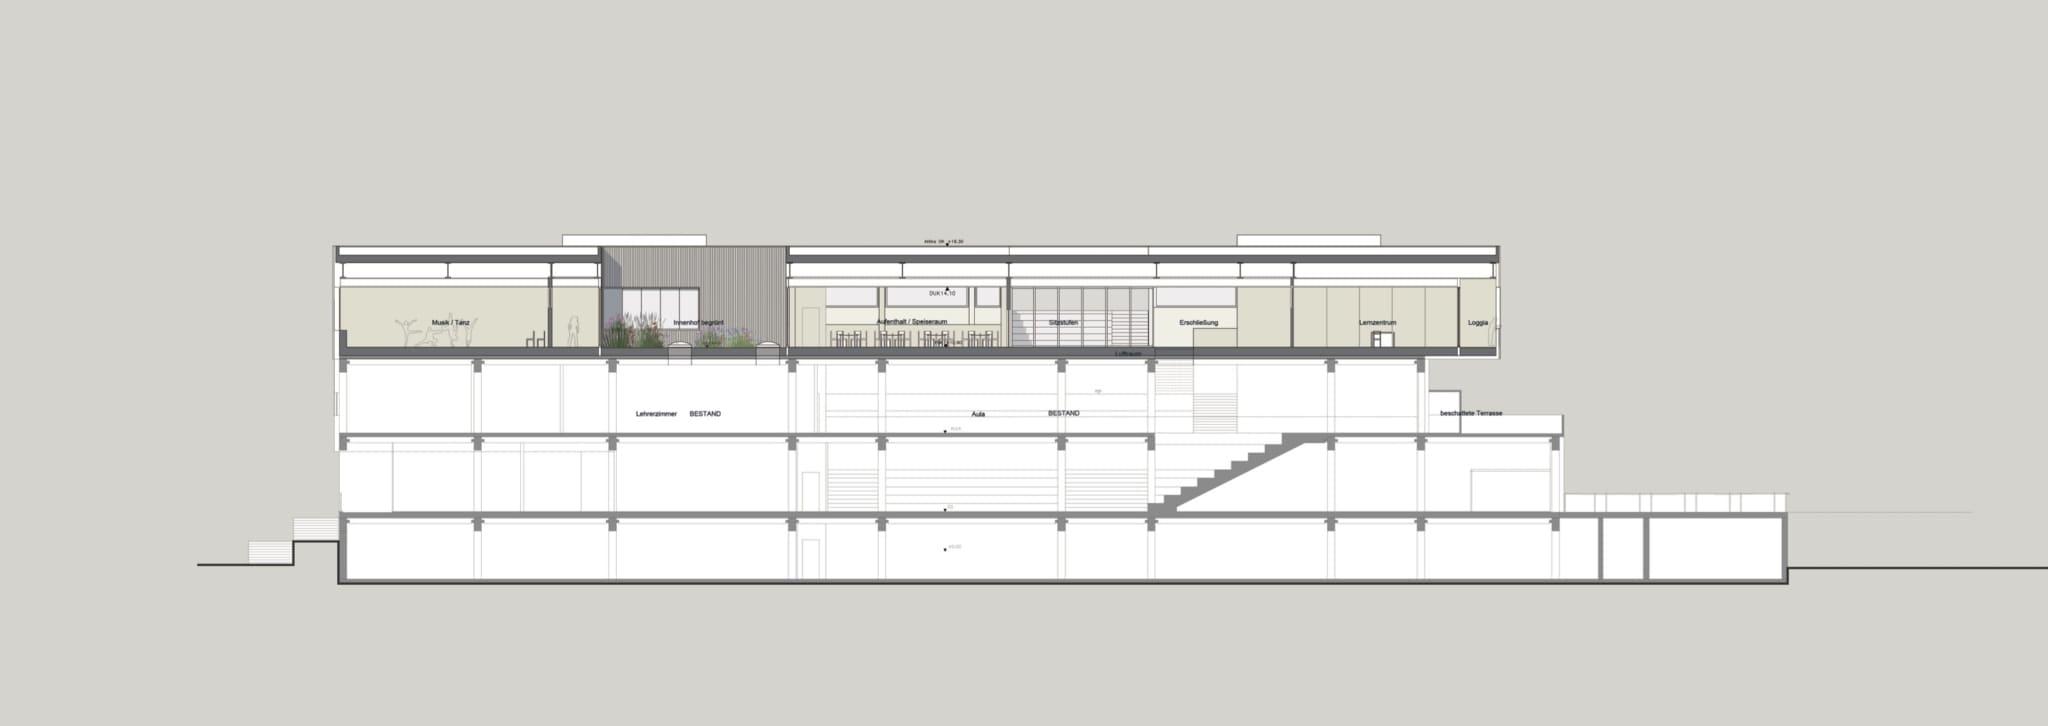 Architekturwettbewerb Bundesschulzentrum Traun, Schule